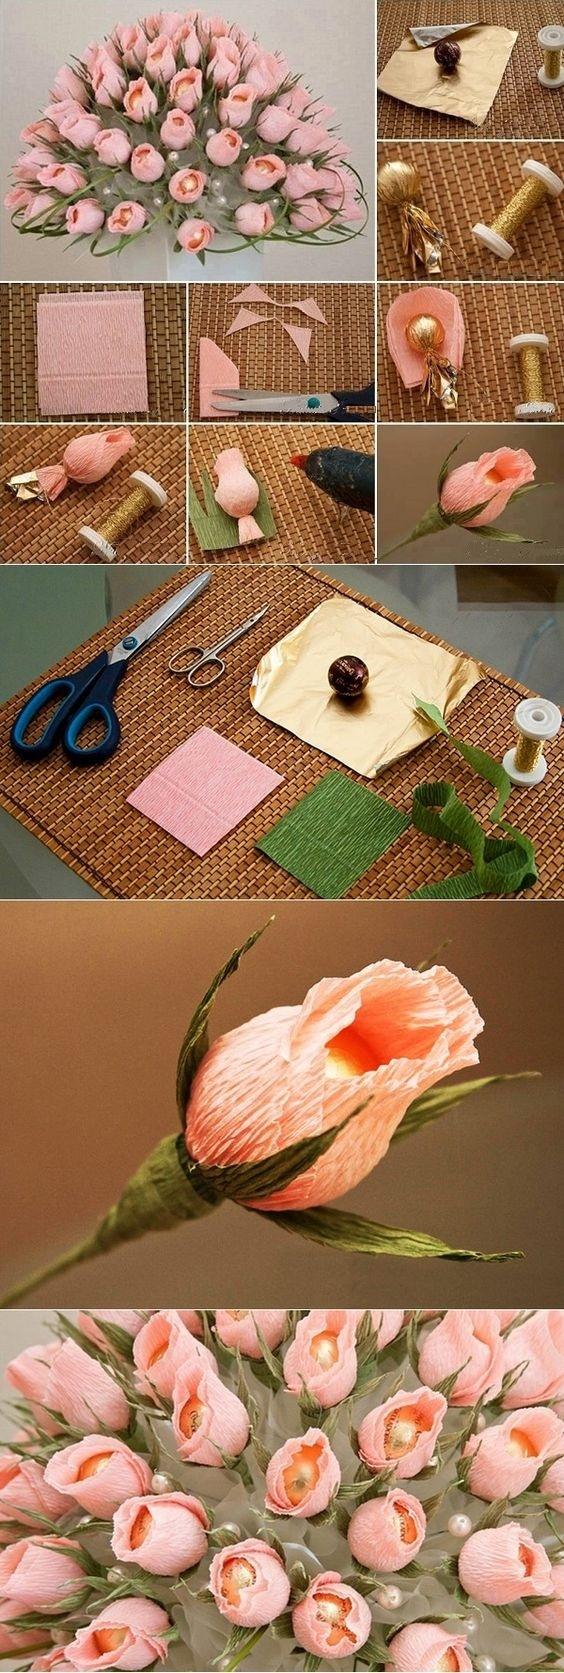 Мастер класс изготовления цветов из бумаги с конфетами своими руками